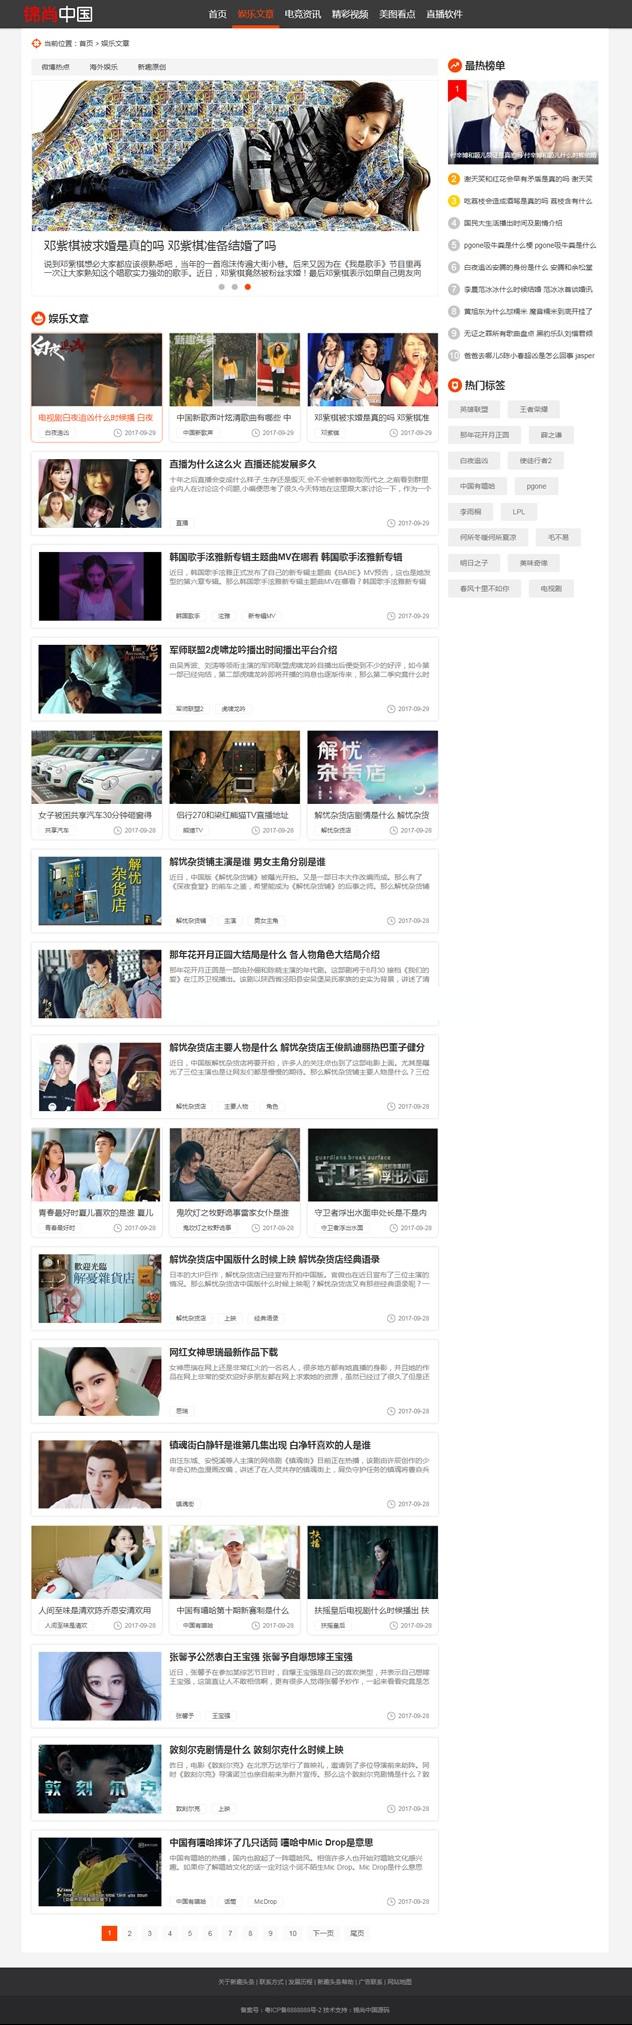 帝国CMS仿新趣头条新闻娱乐资讯类整站网站源码 带手机端-爱资源分享